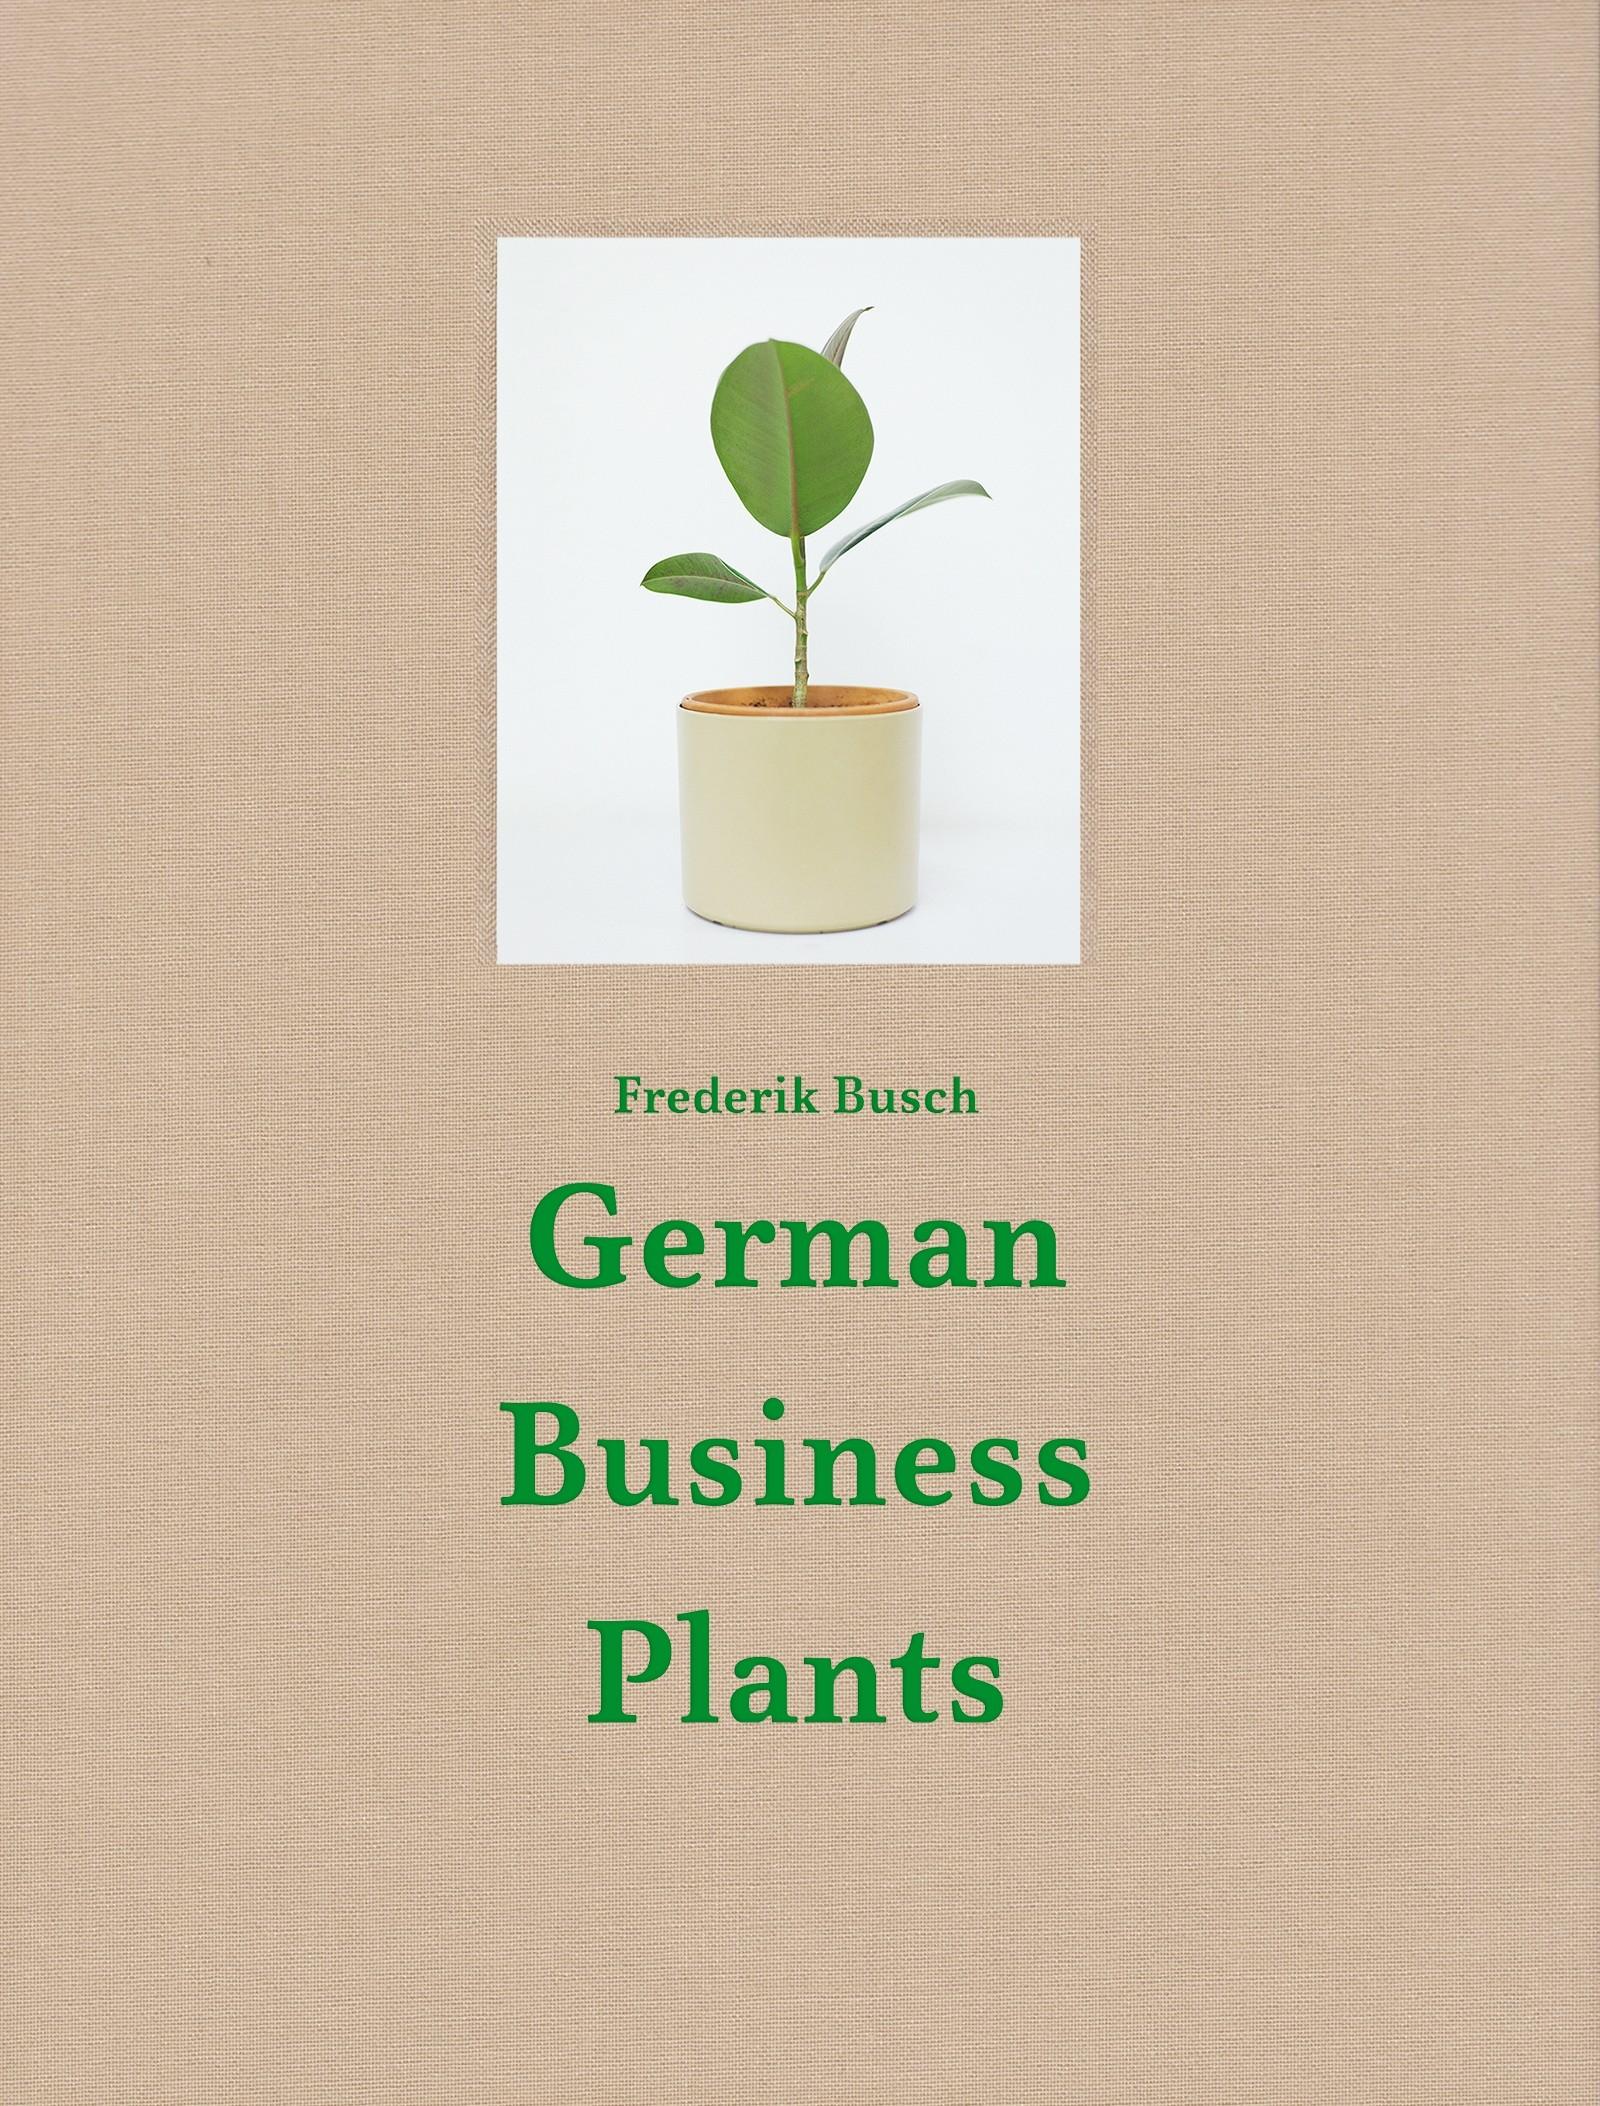 Frederik Busch SIGNIERT: German Business Plants